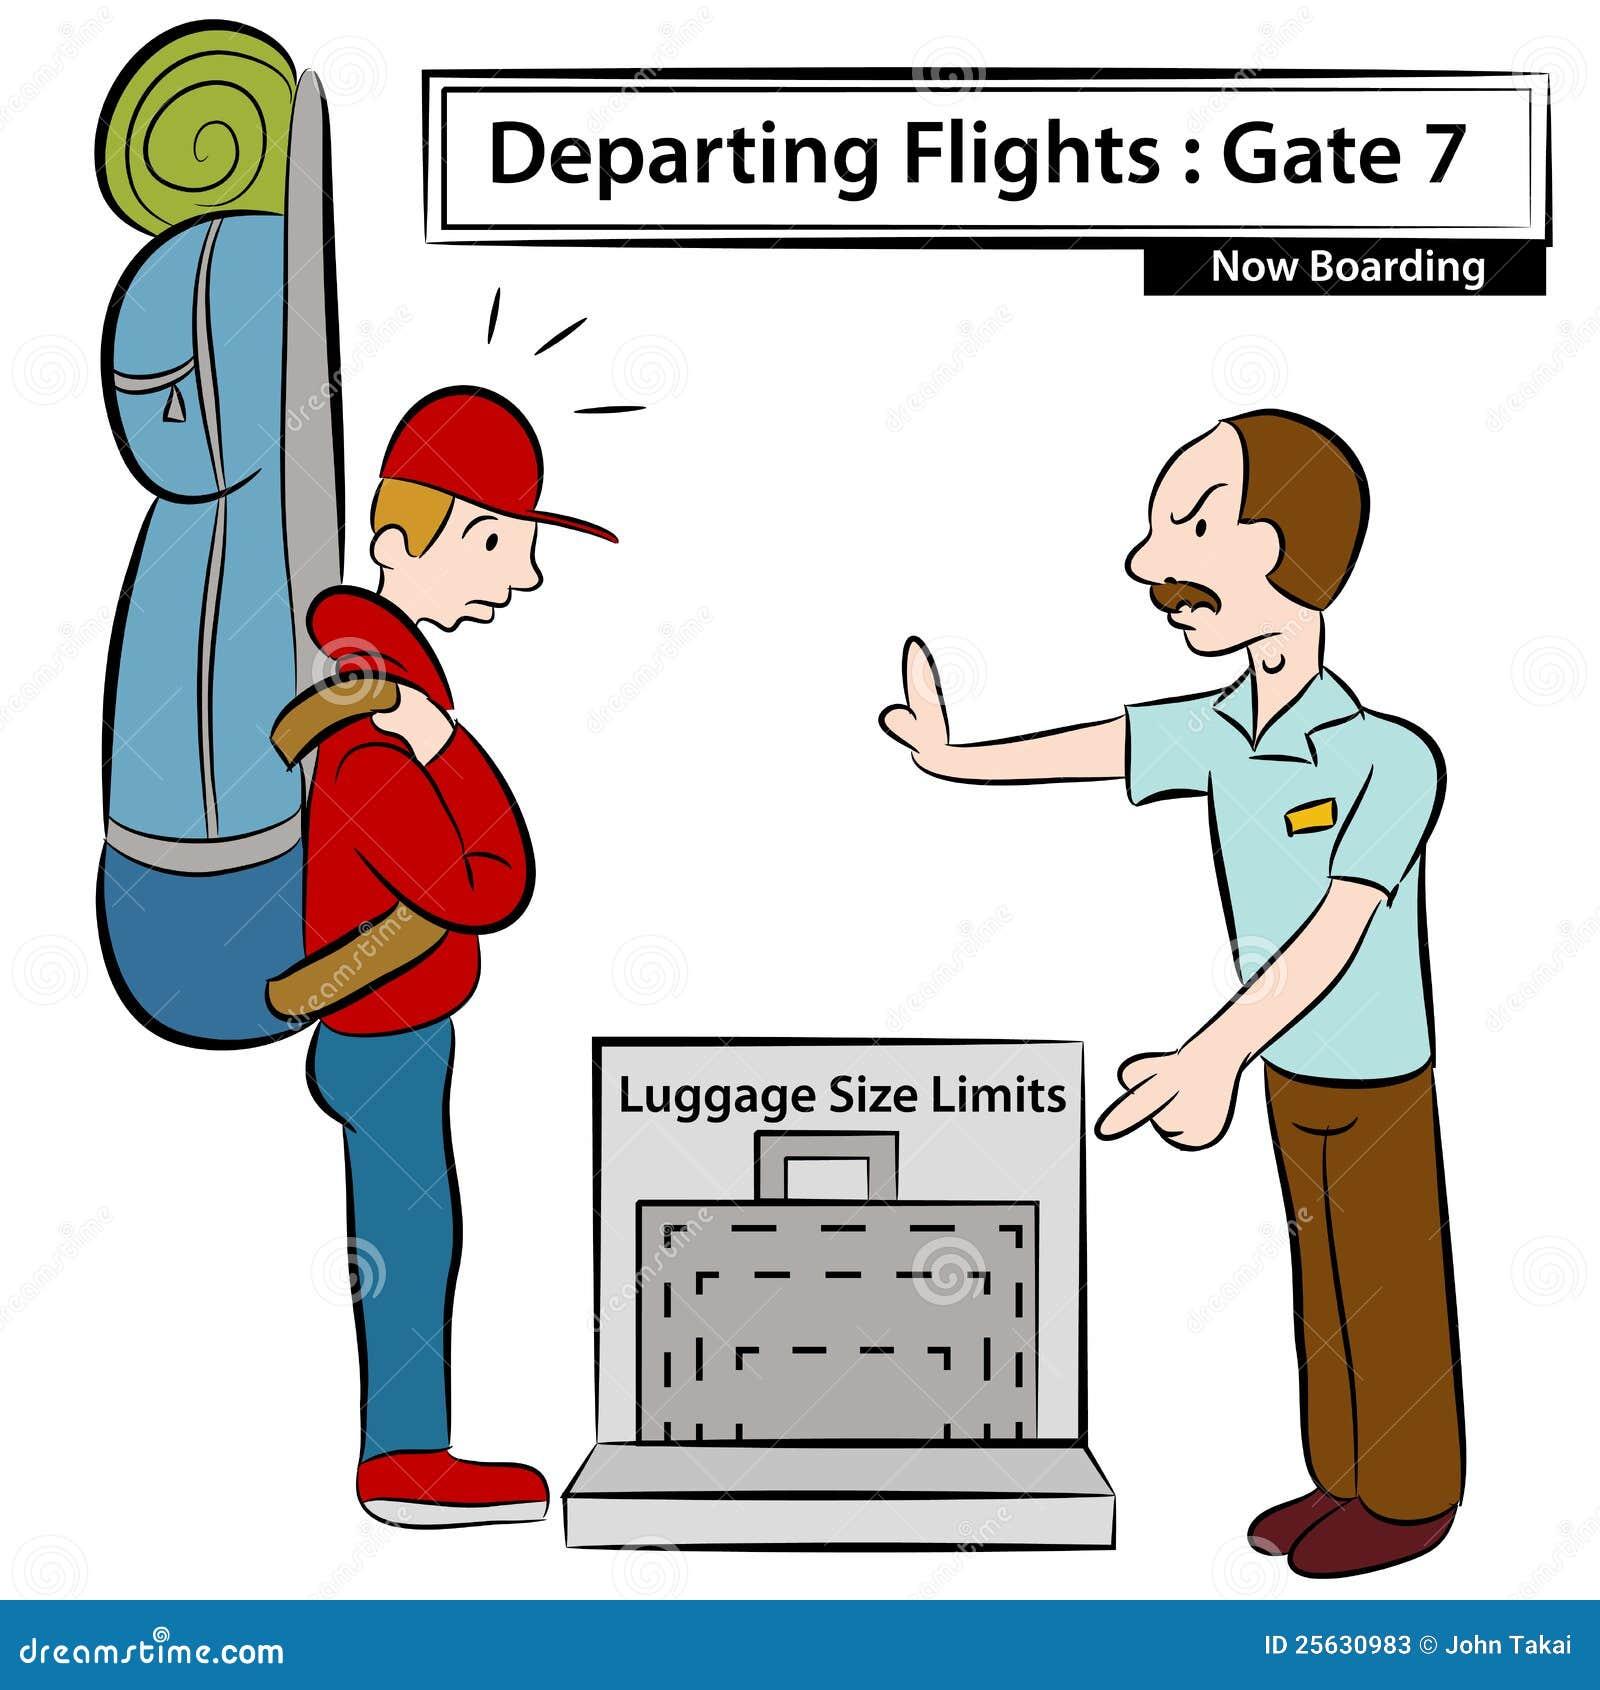 Luggage Size Limits Stock Photos - Image: 25630983